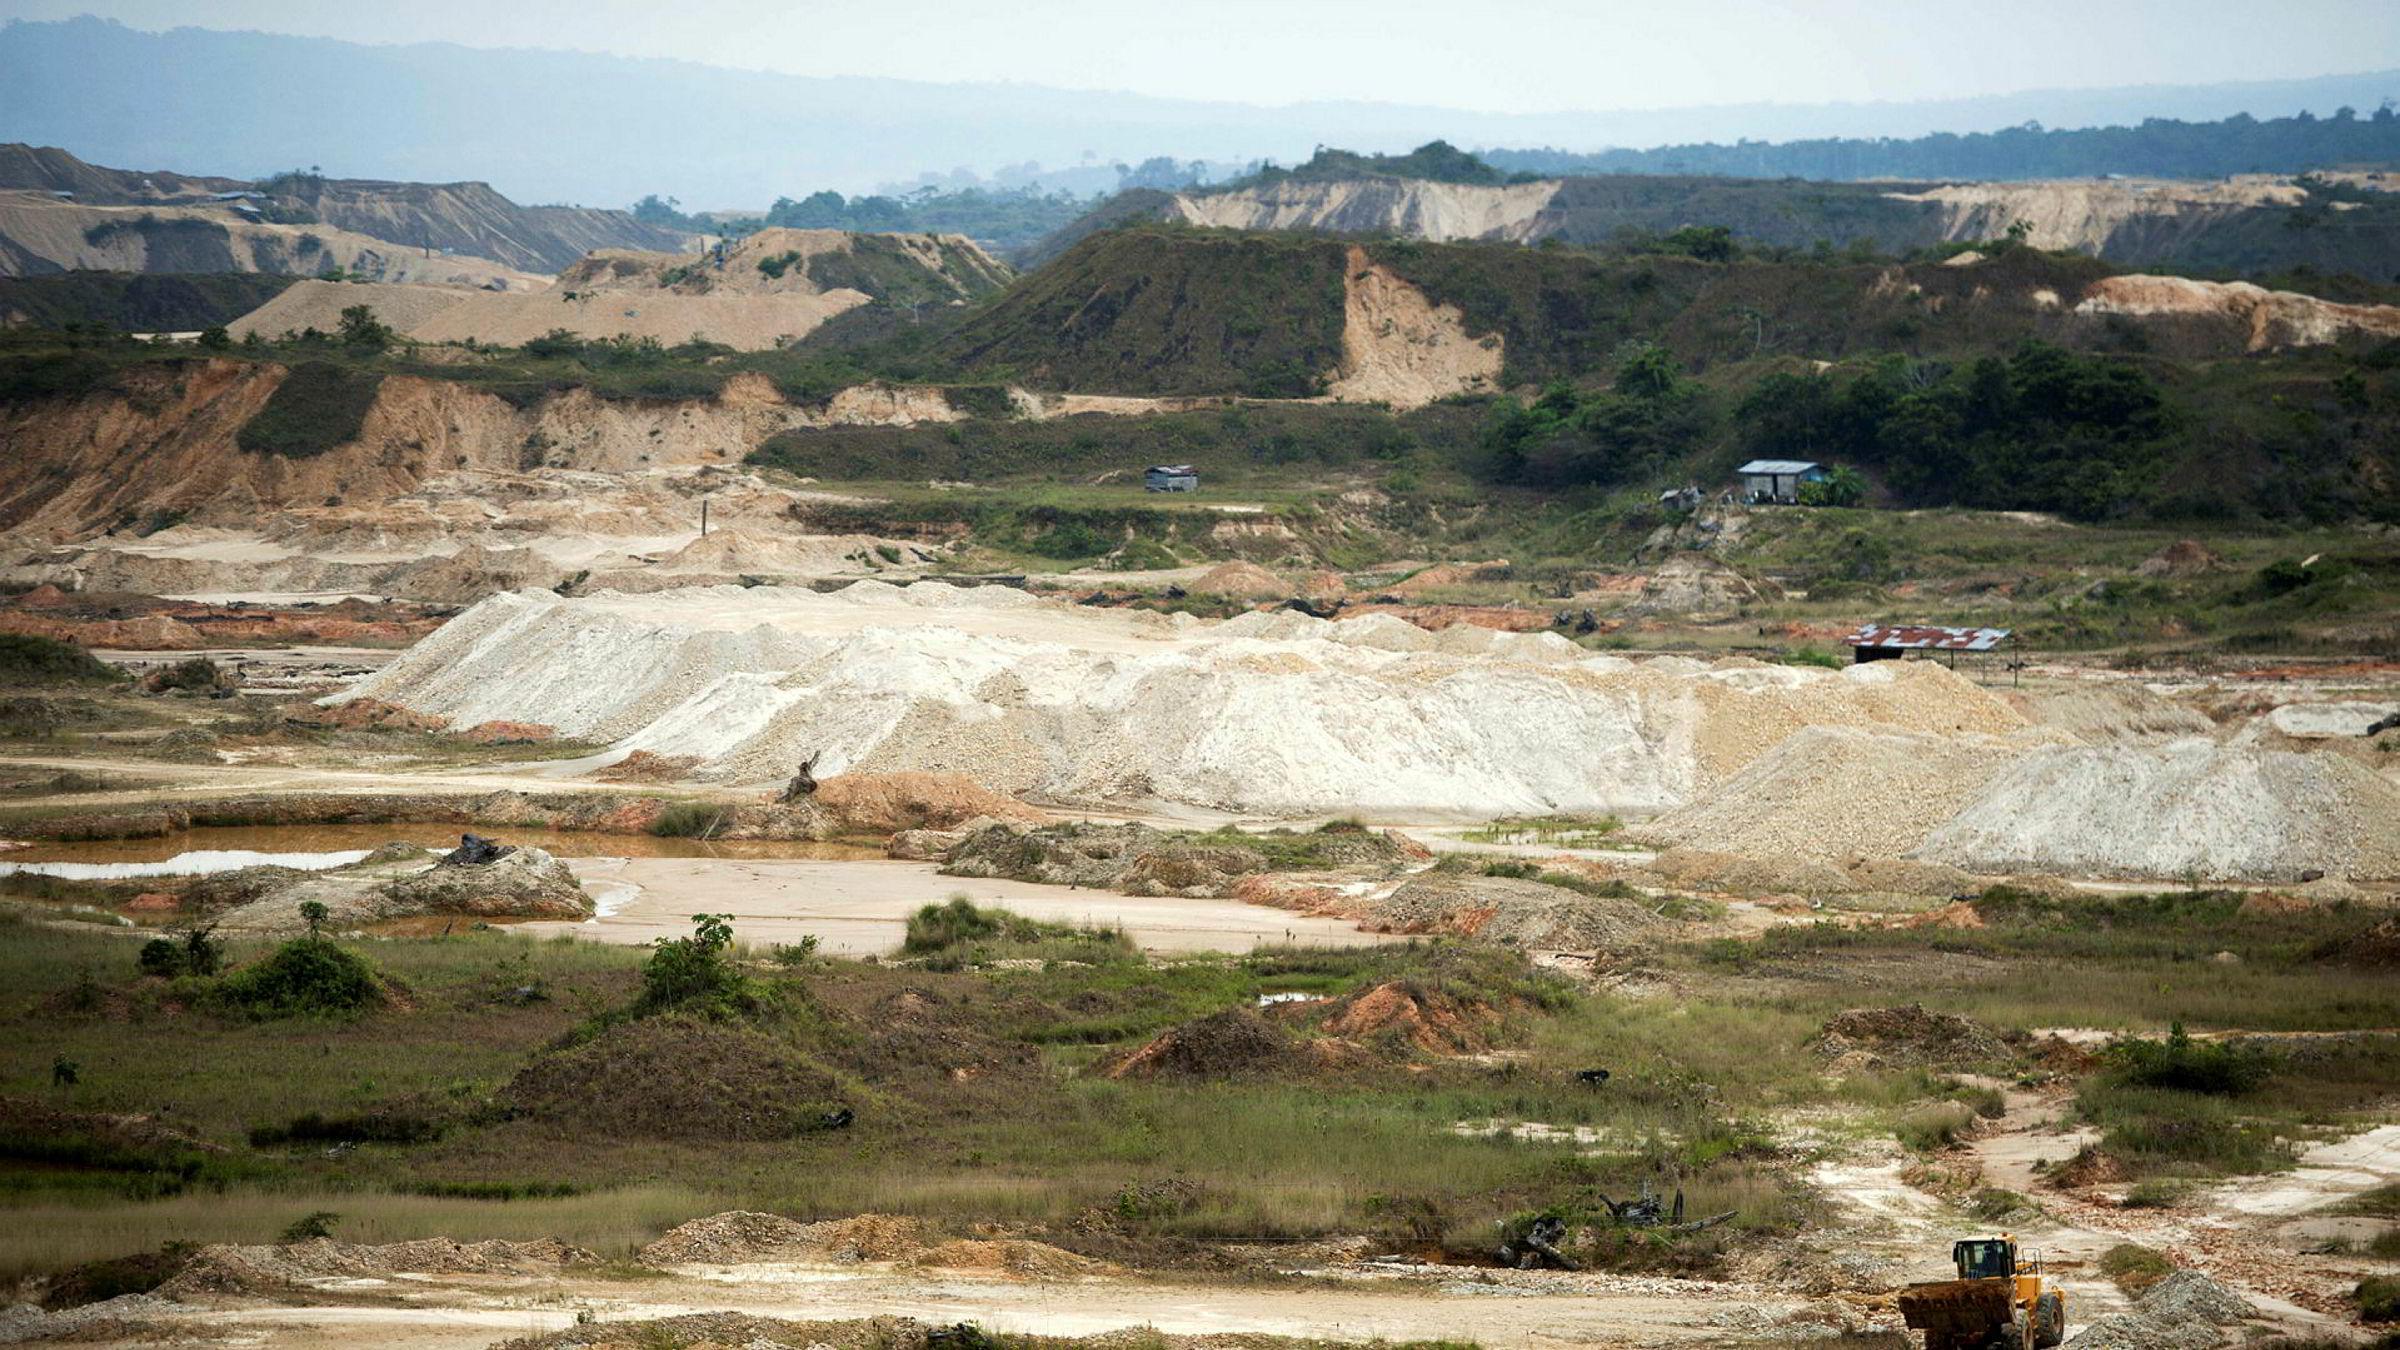 Naturressurser overforbrukes og det biologiske mangfoldet er så truet at vi risikerer vår egen fremtid. Bildet viser resultatet av gruvevirksomhet i et område utenfor Lima i Peru.